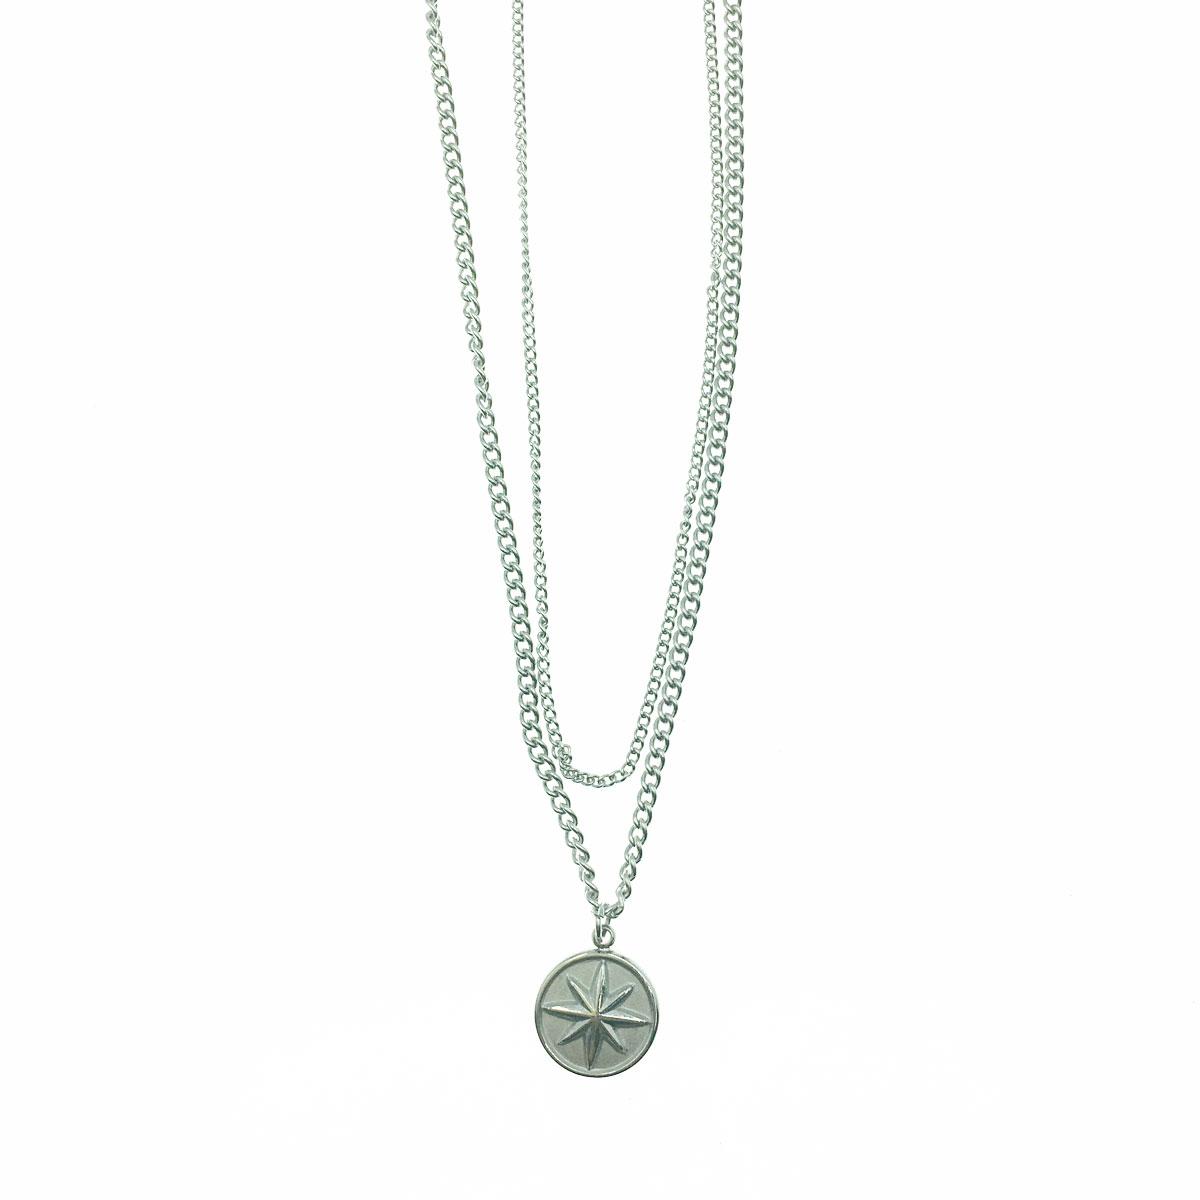 韓國 不銹鋼 星星 雙層 鎖骨鍊 短鍊 項鍊